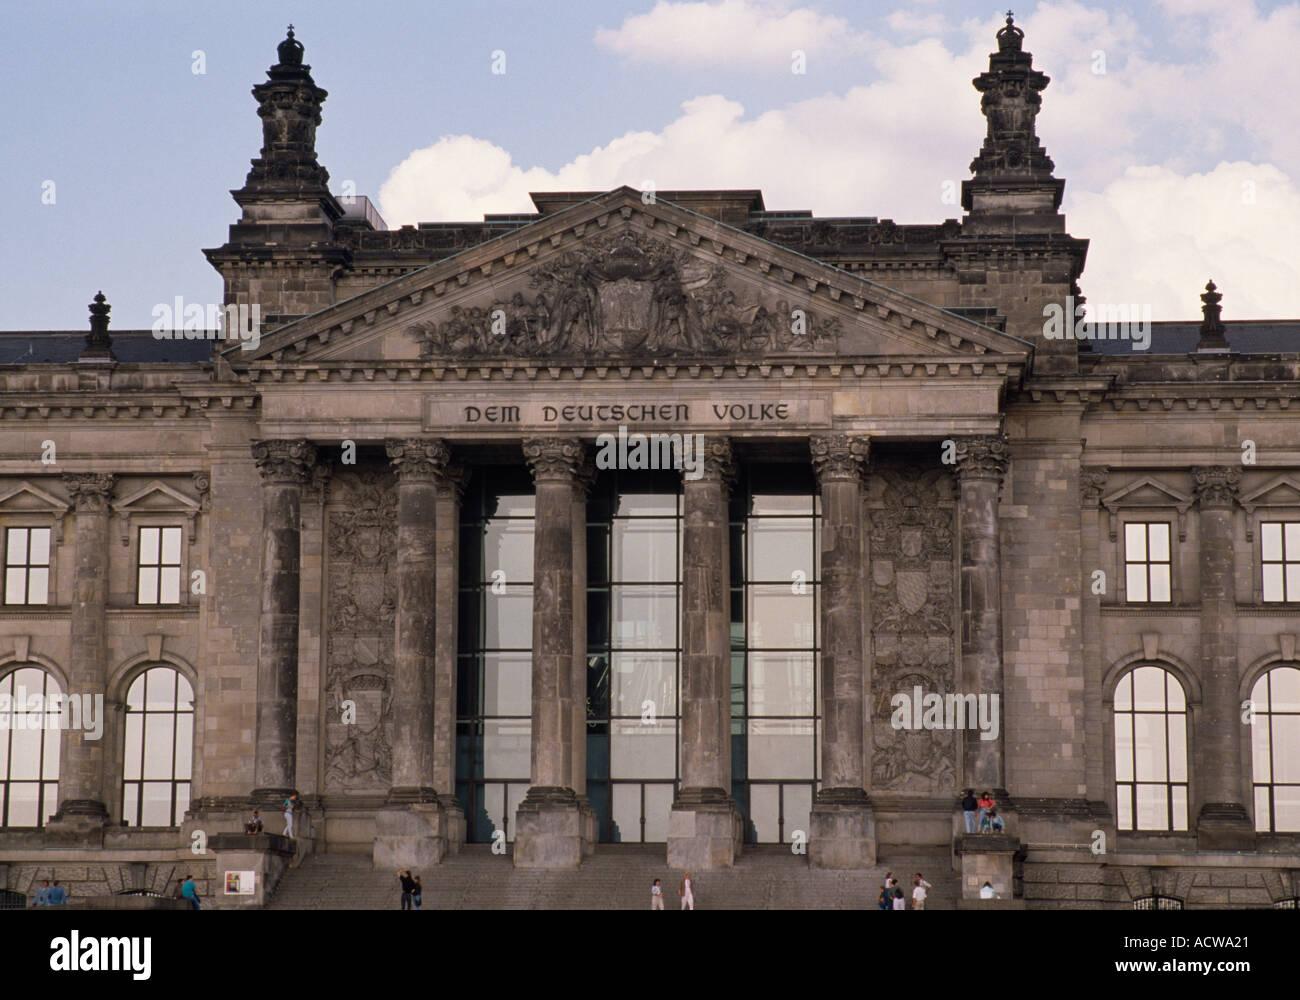 El Reichstag en Berlín Occidental de la guerra fría en Alemania en Europa. Edificio de arquitectura histórica de Historia Alemana Antigua Cultura Histórico Viaje de gobierno Imagen De Stock